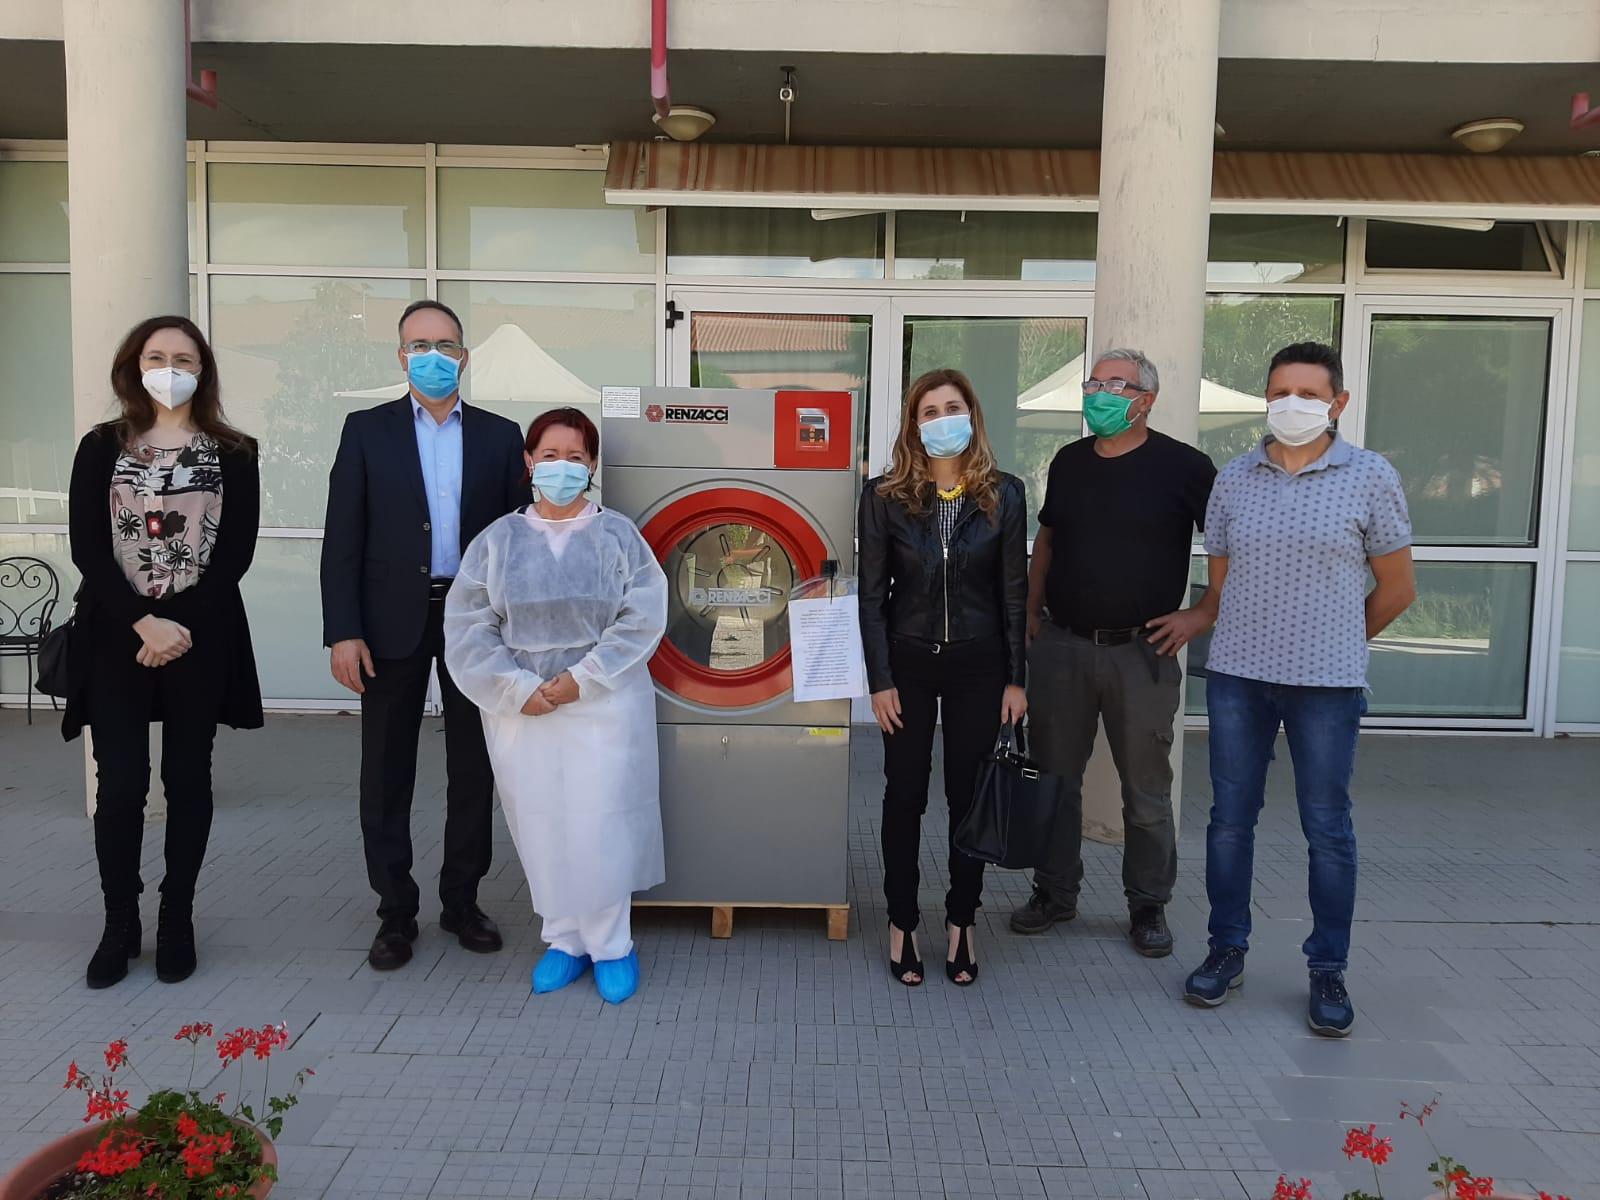 Il circolo del Partito Democratico di Chianacce e la Festa de l'Unità consegnano l'asciugatrice al Centro Residenziale Sernini